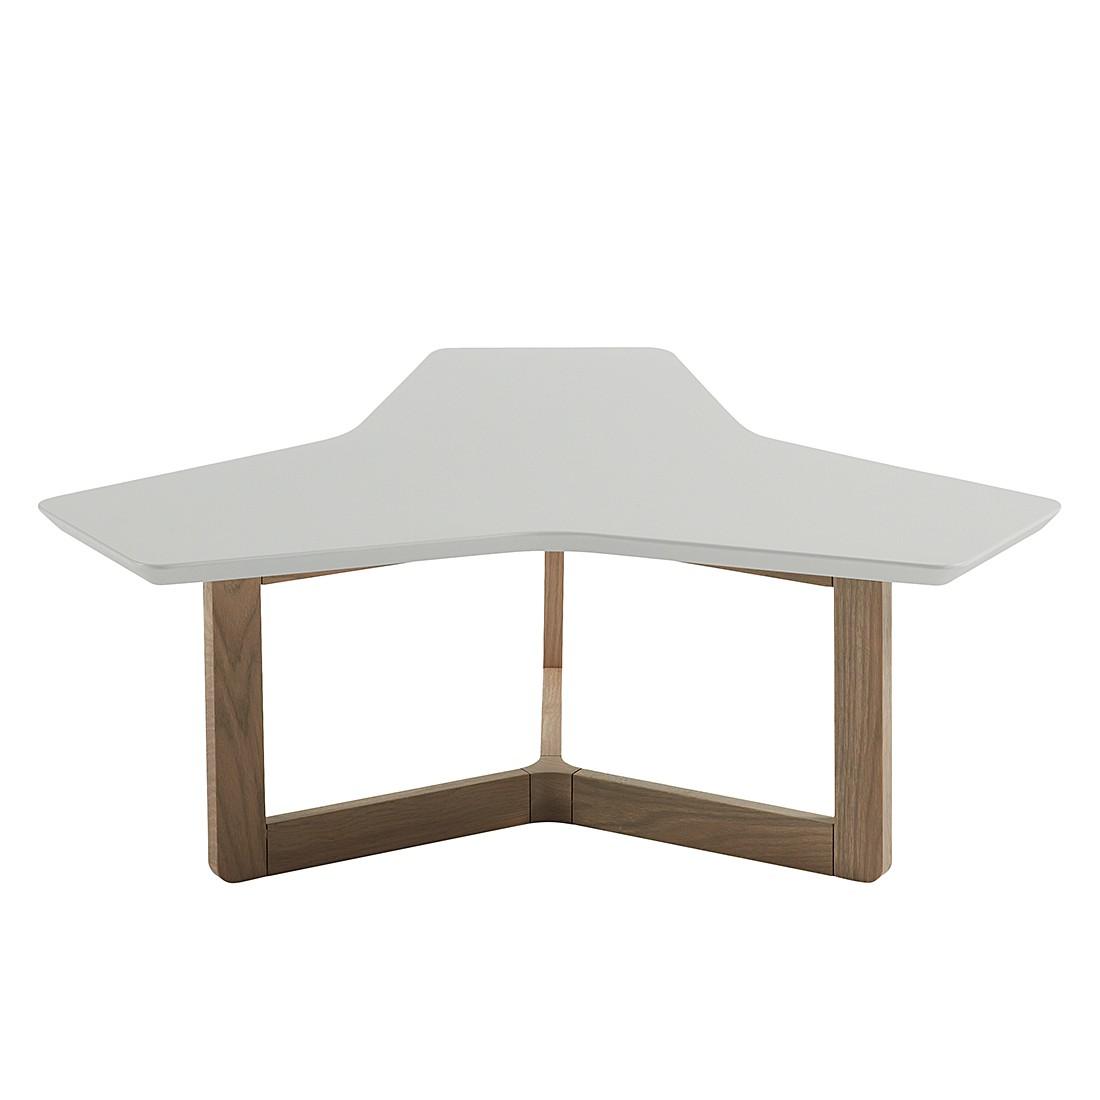 Tavolino da salotto Larne - Grigio chiaro opaco / Quercia, Morteens